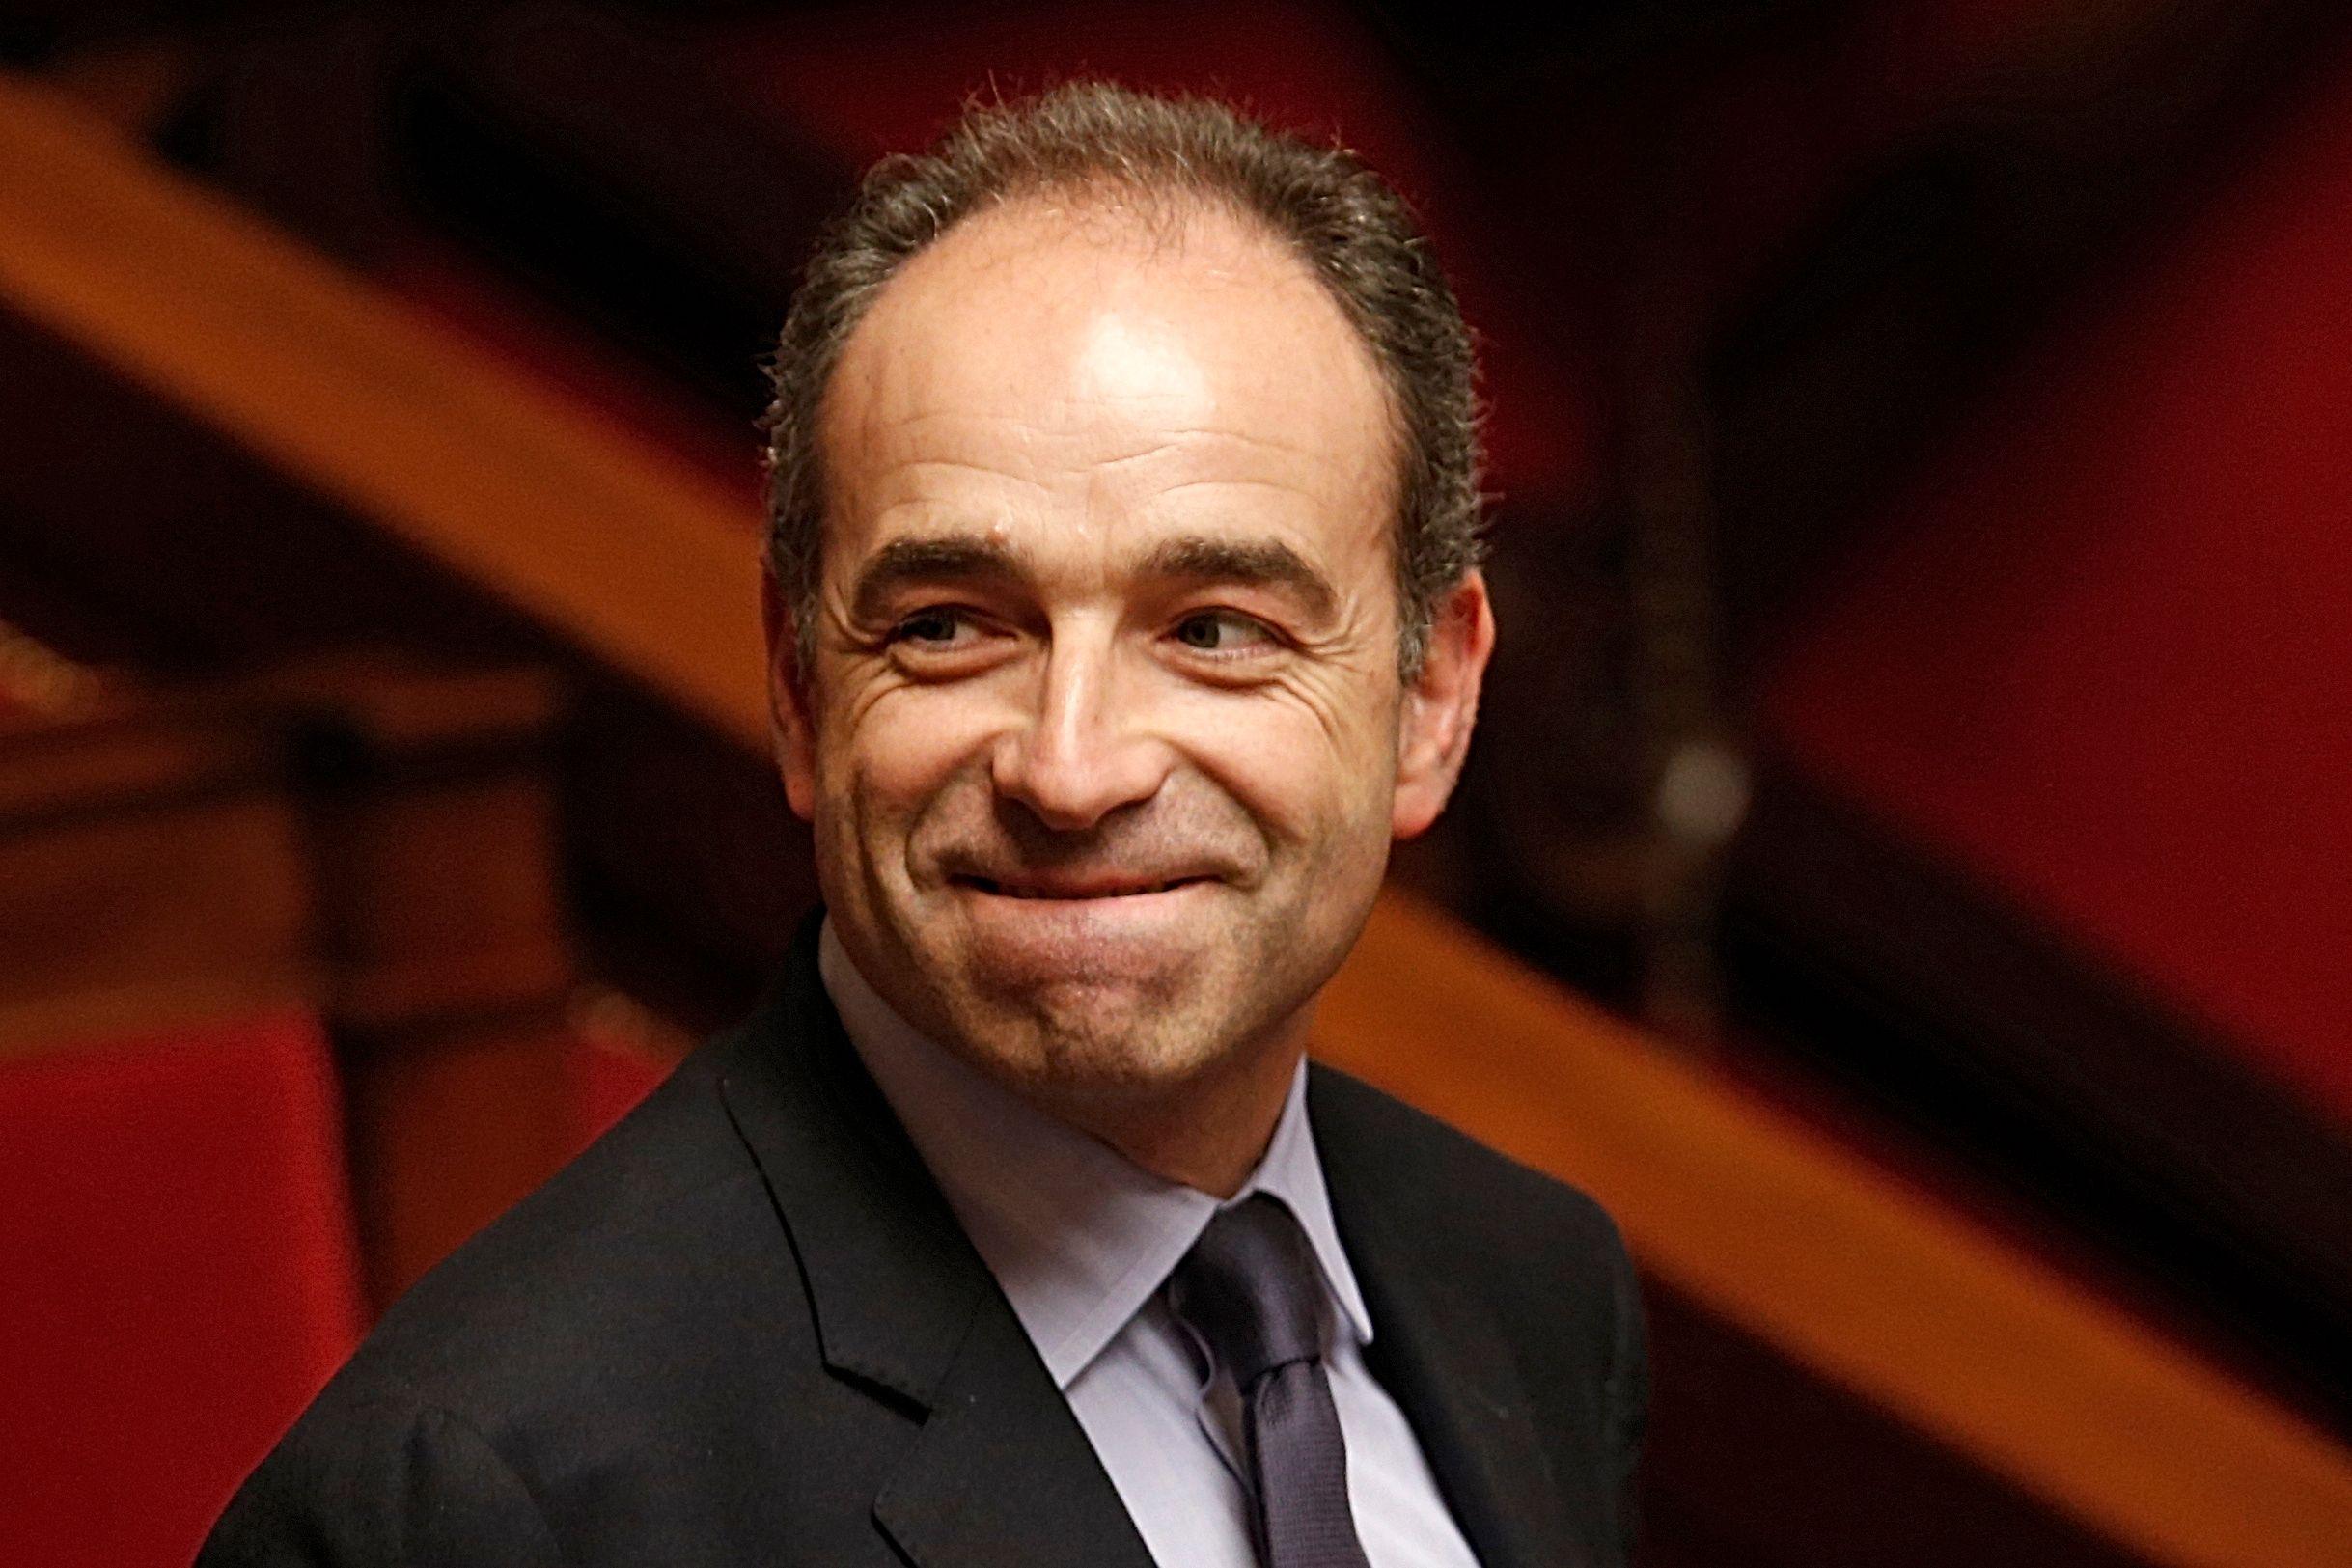 Affaire Bygmalion : le bureau de Jean-François Copé à l'Assemblée Nationale perquisitionné